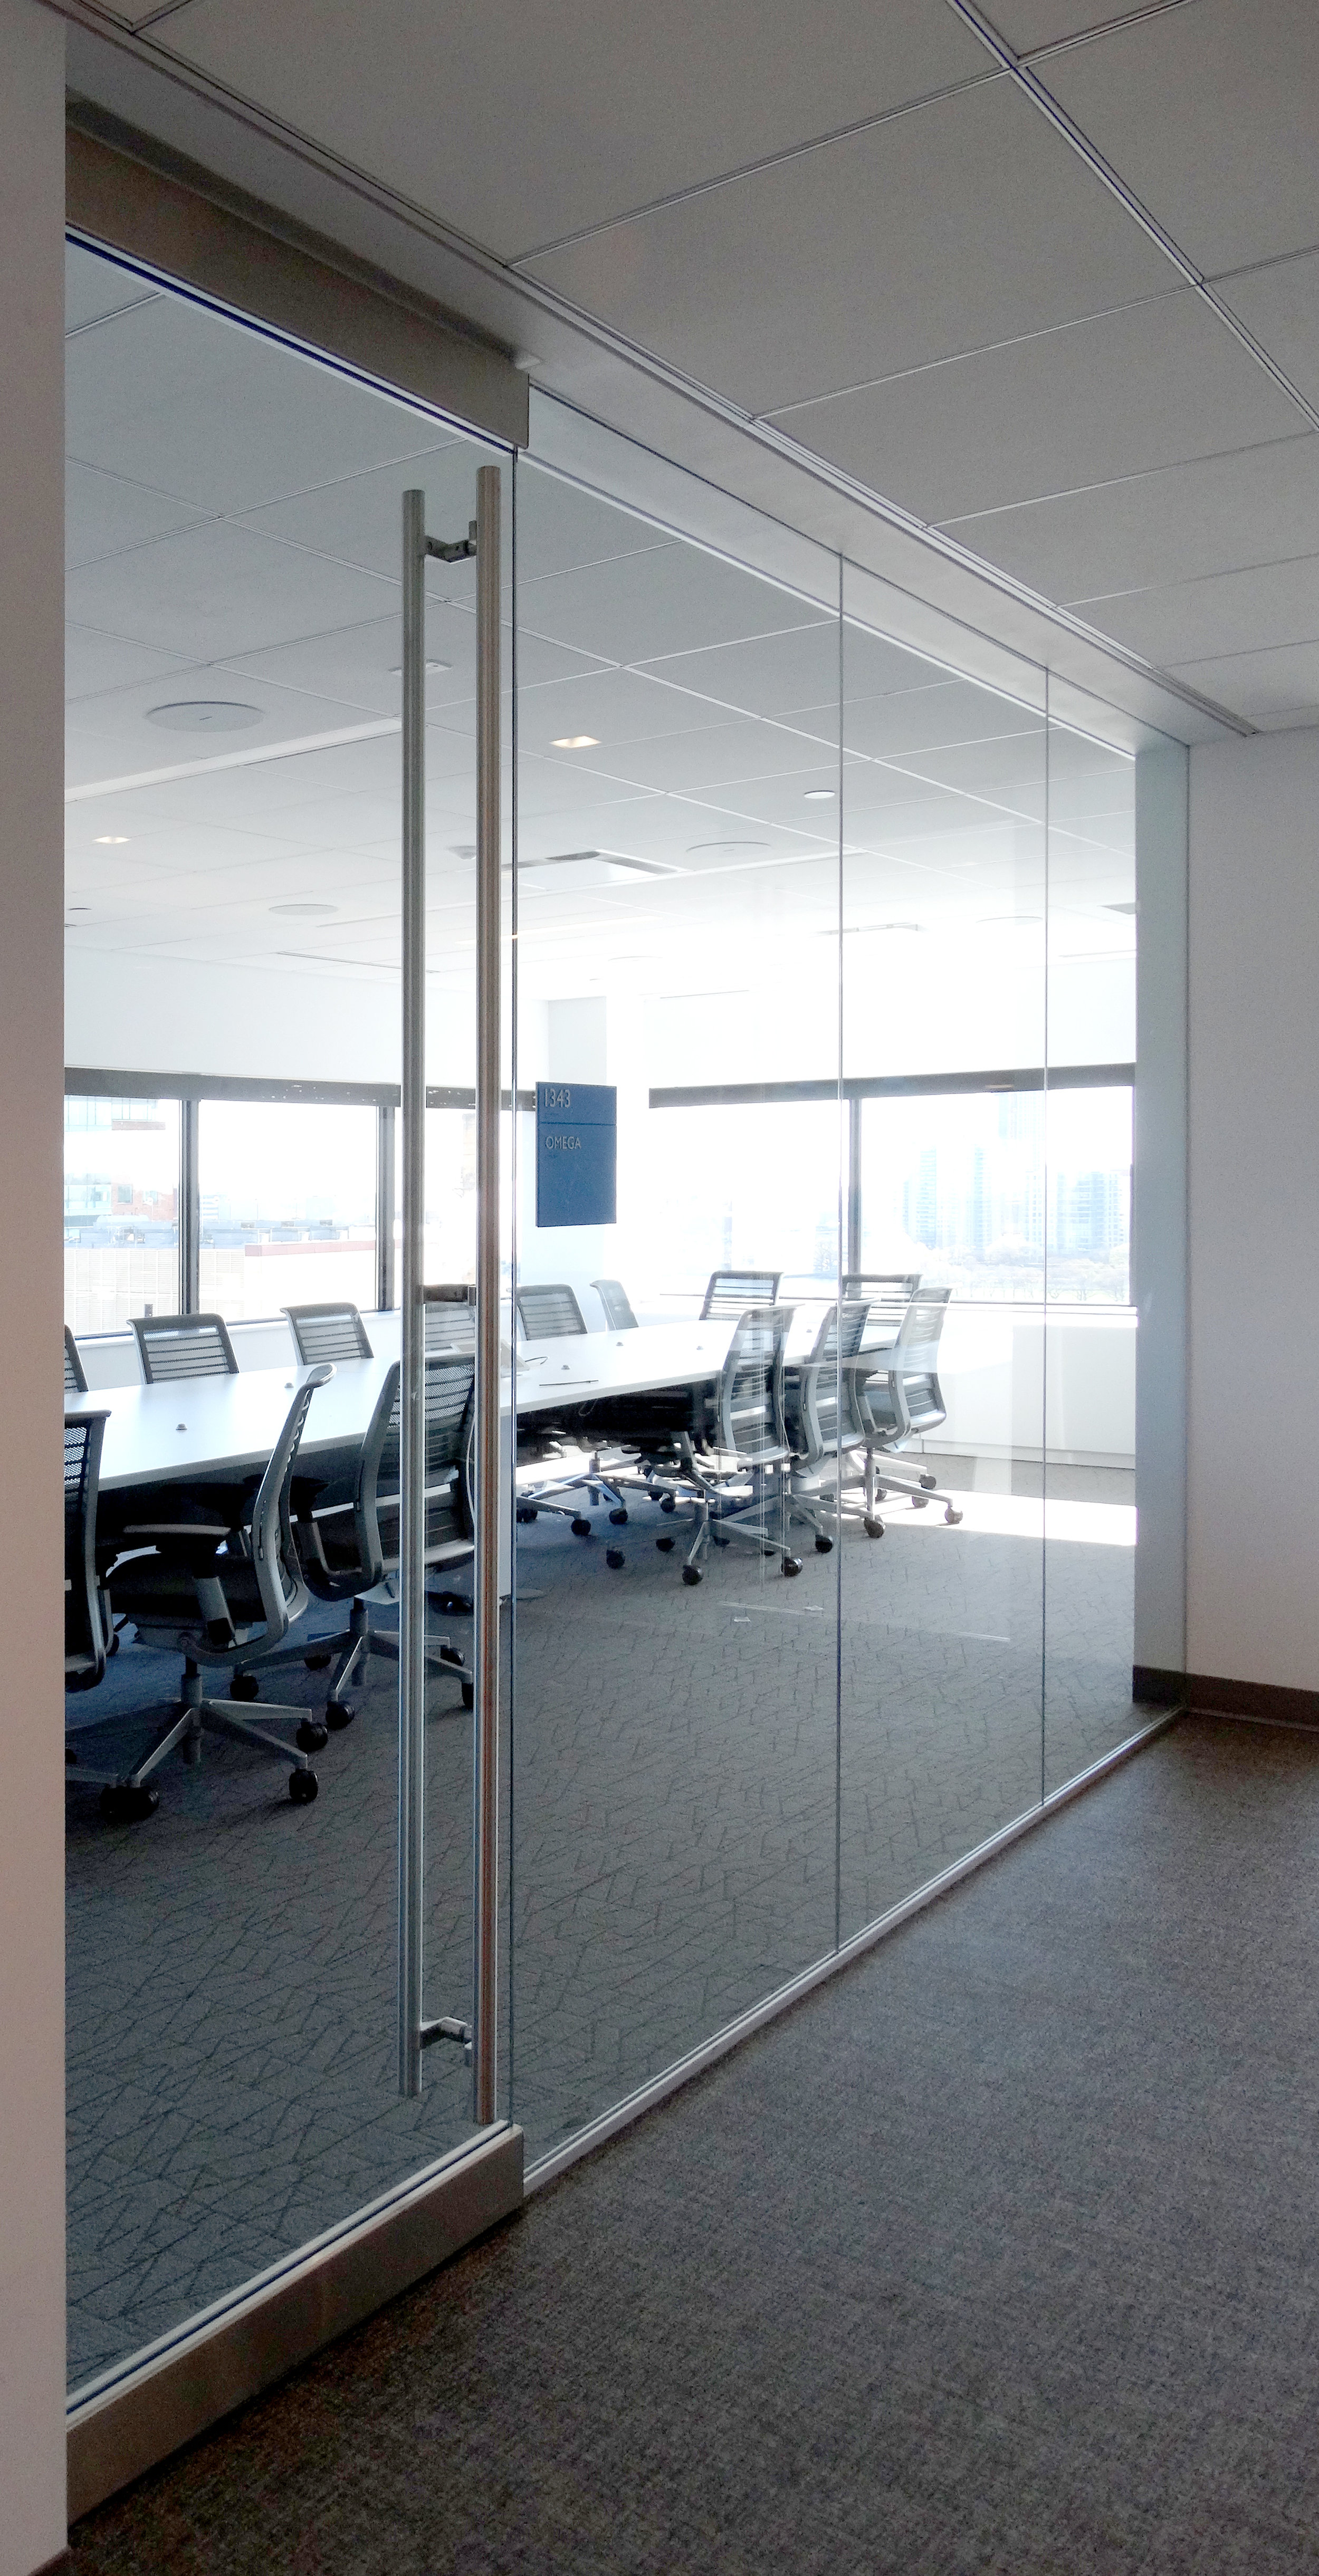 Illume Frameless Glass Conference Room Frameless Glass Rail Door - Spaceworks AI.jpg